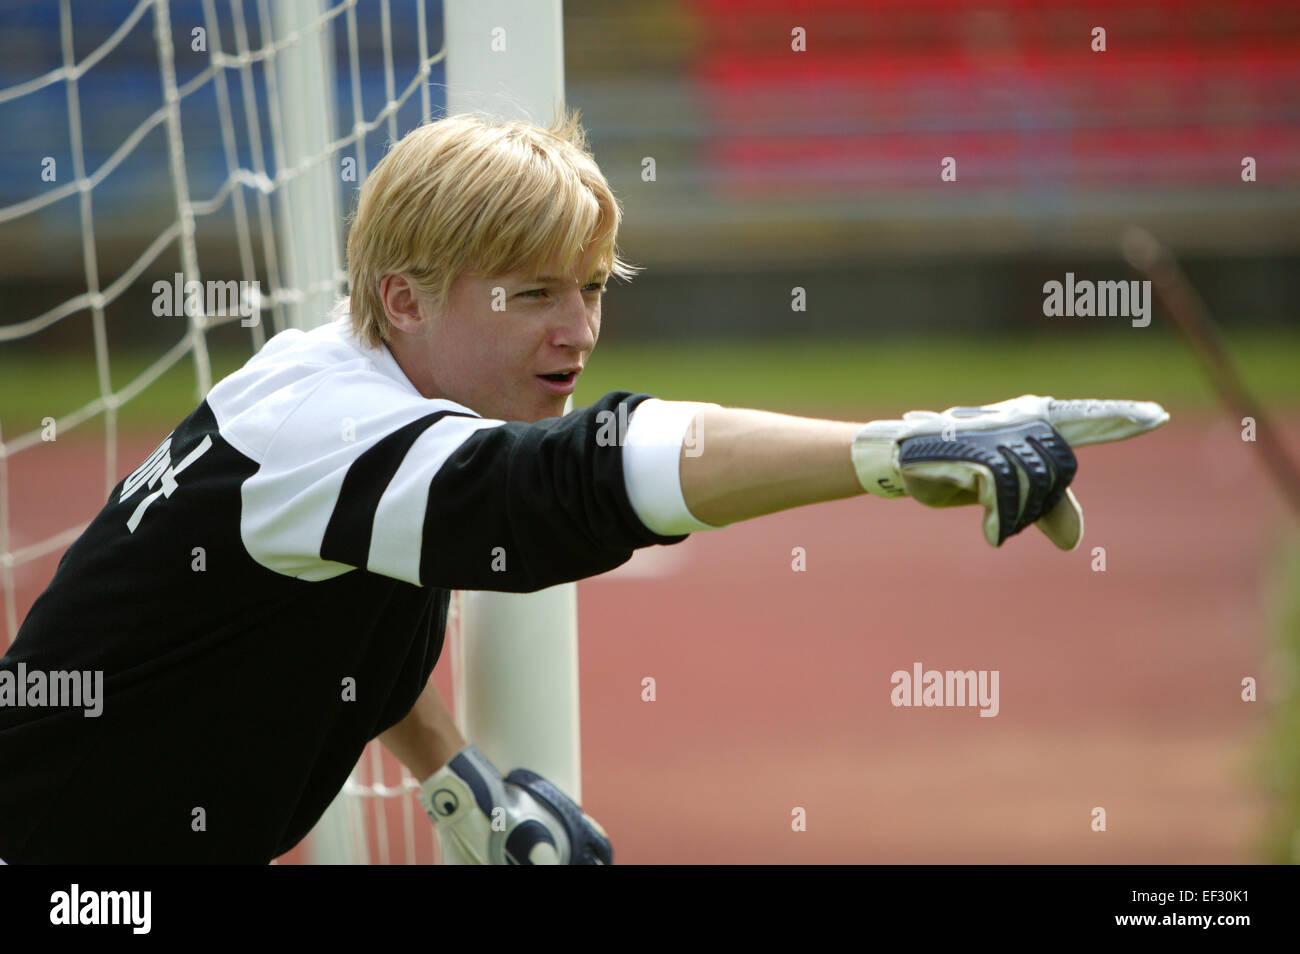 Fu?ball Fussball Spieler Spielszene Torwart Torhueter Keeper Gestik Anfeuern Anweisen Ballspiel Mannschaftssport - Stock Image